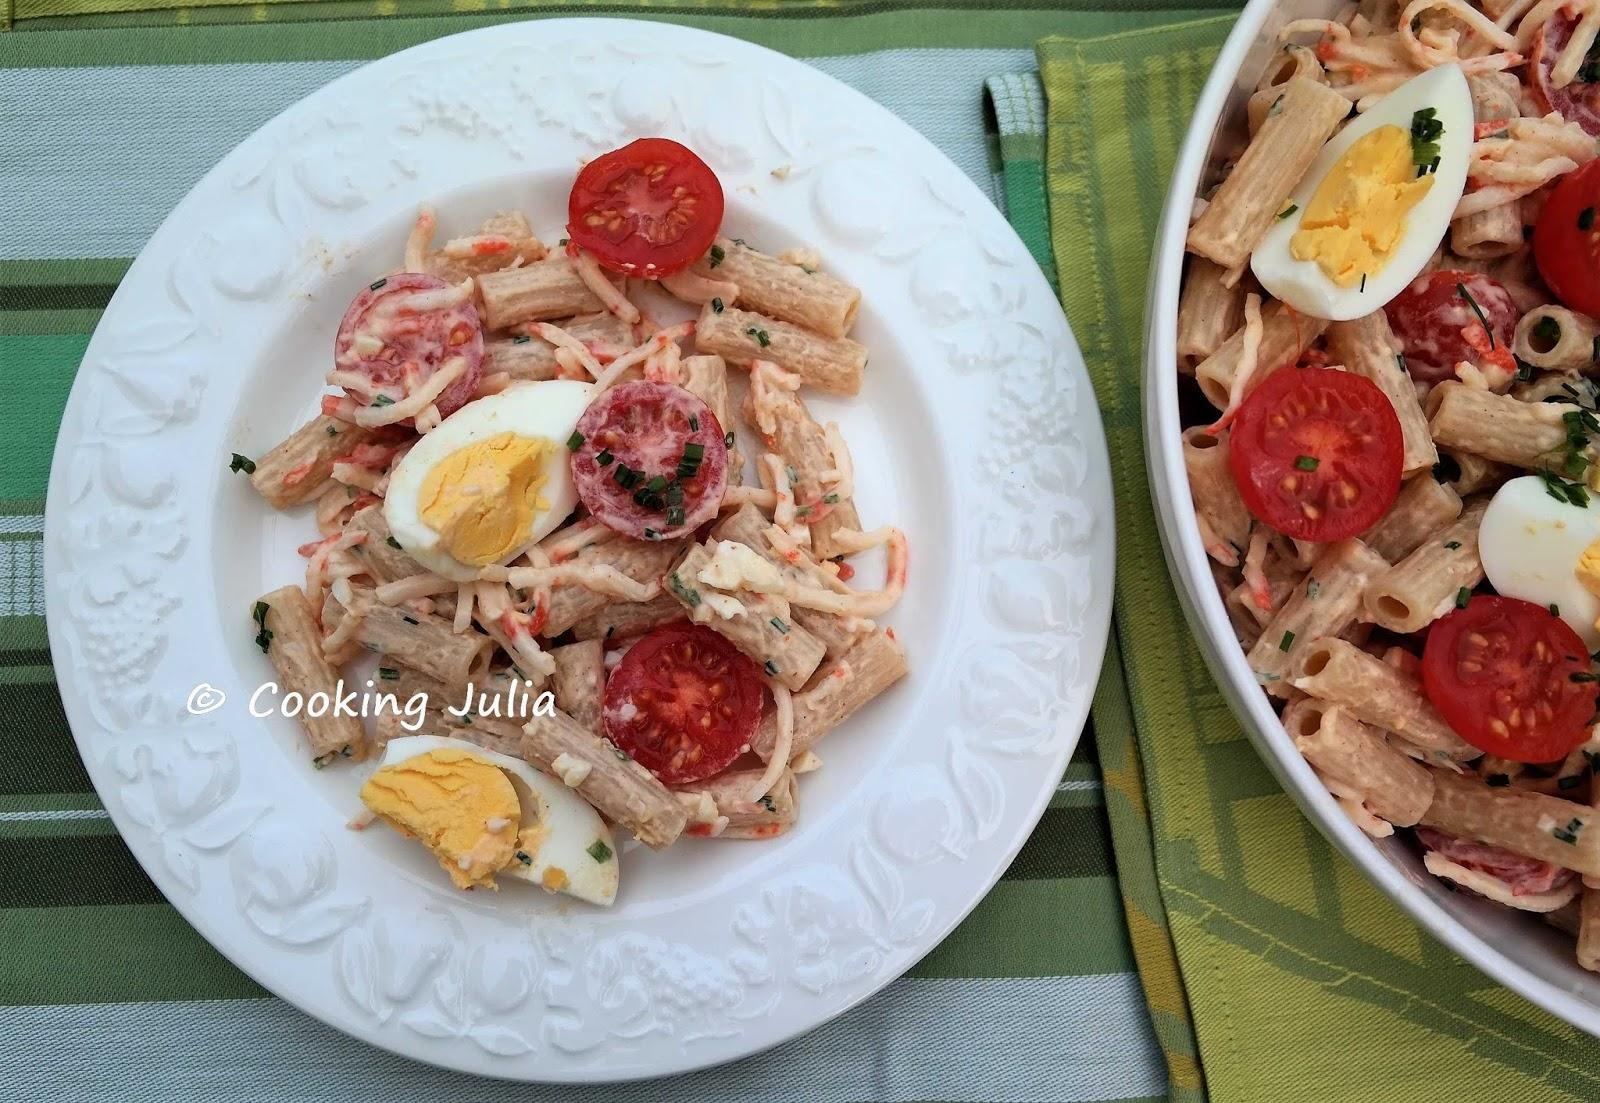 Cooking Julia Salade De Pates Au Surimi